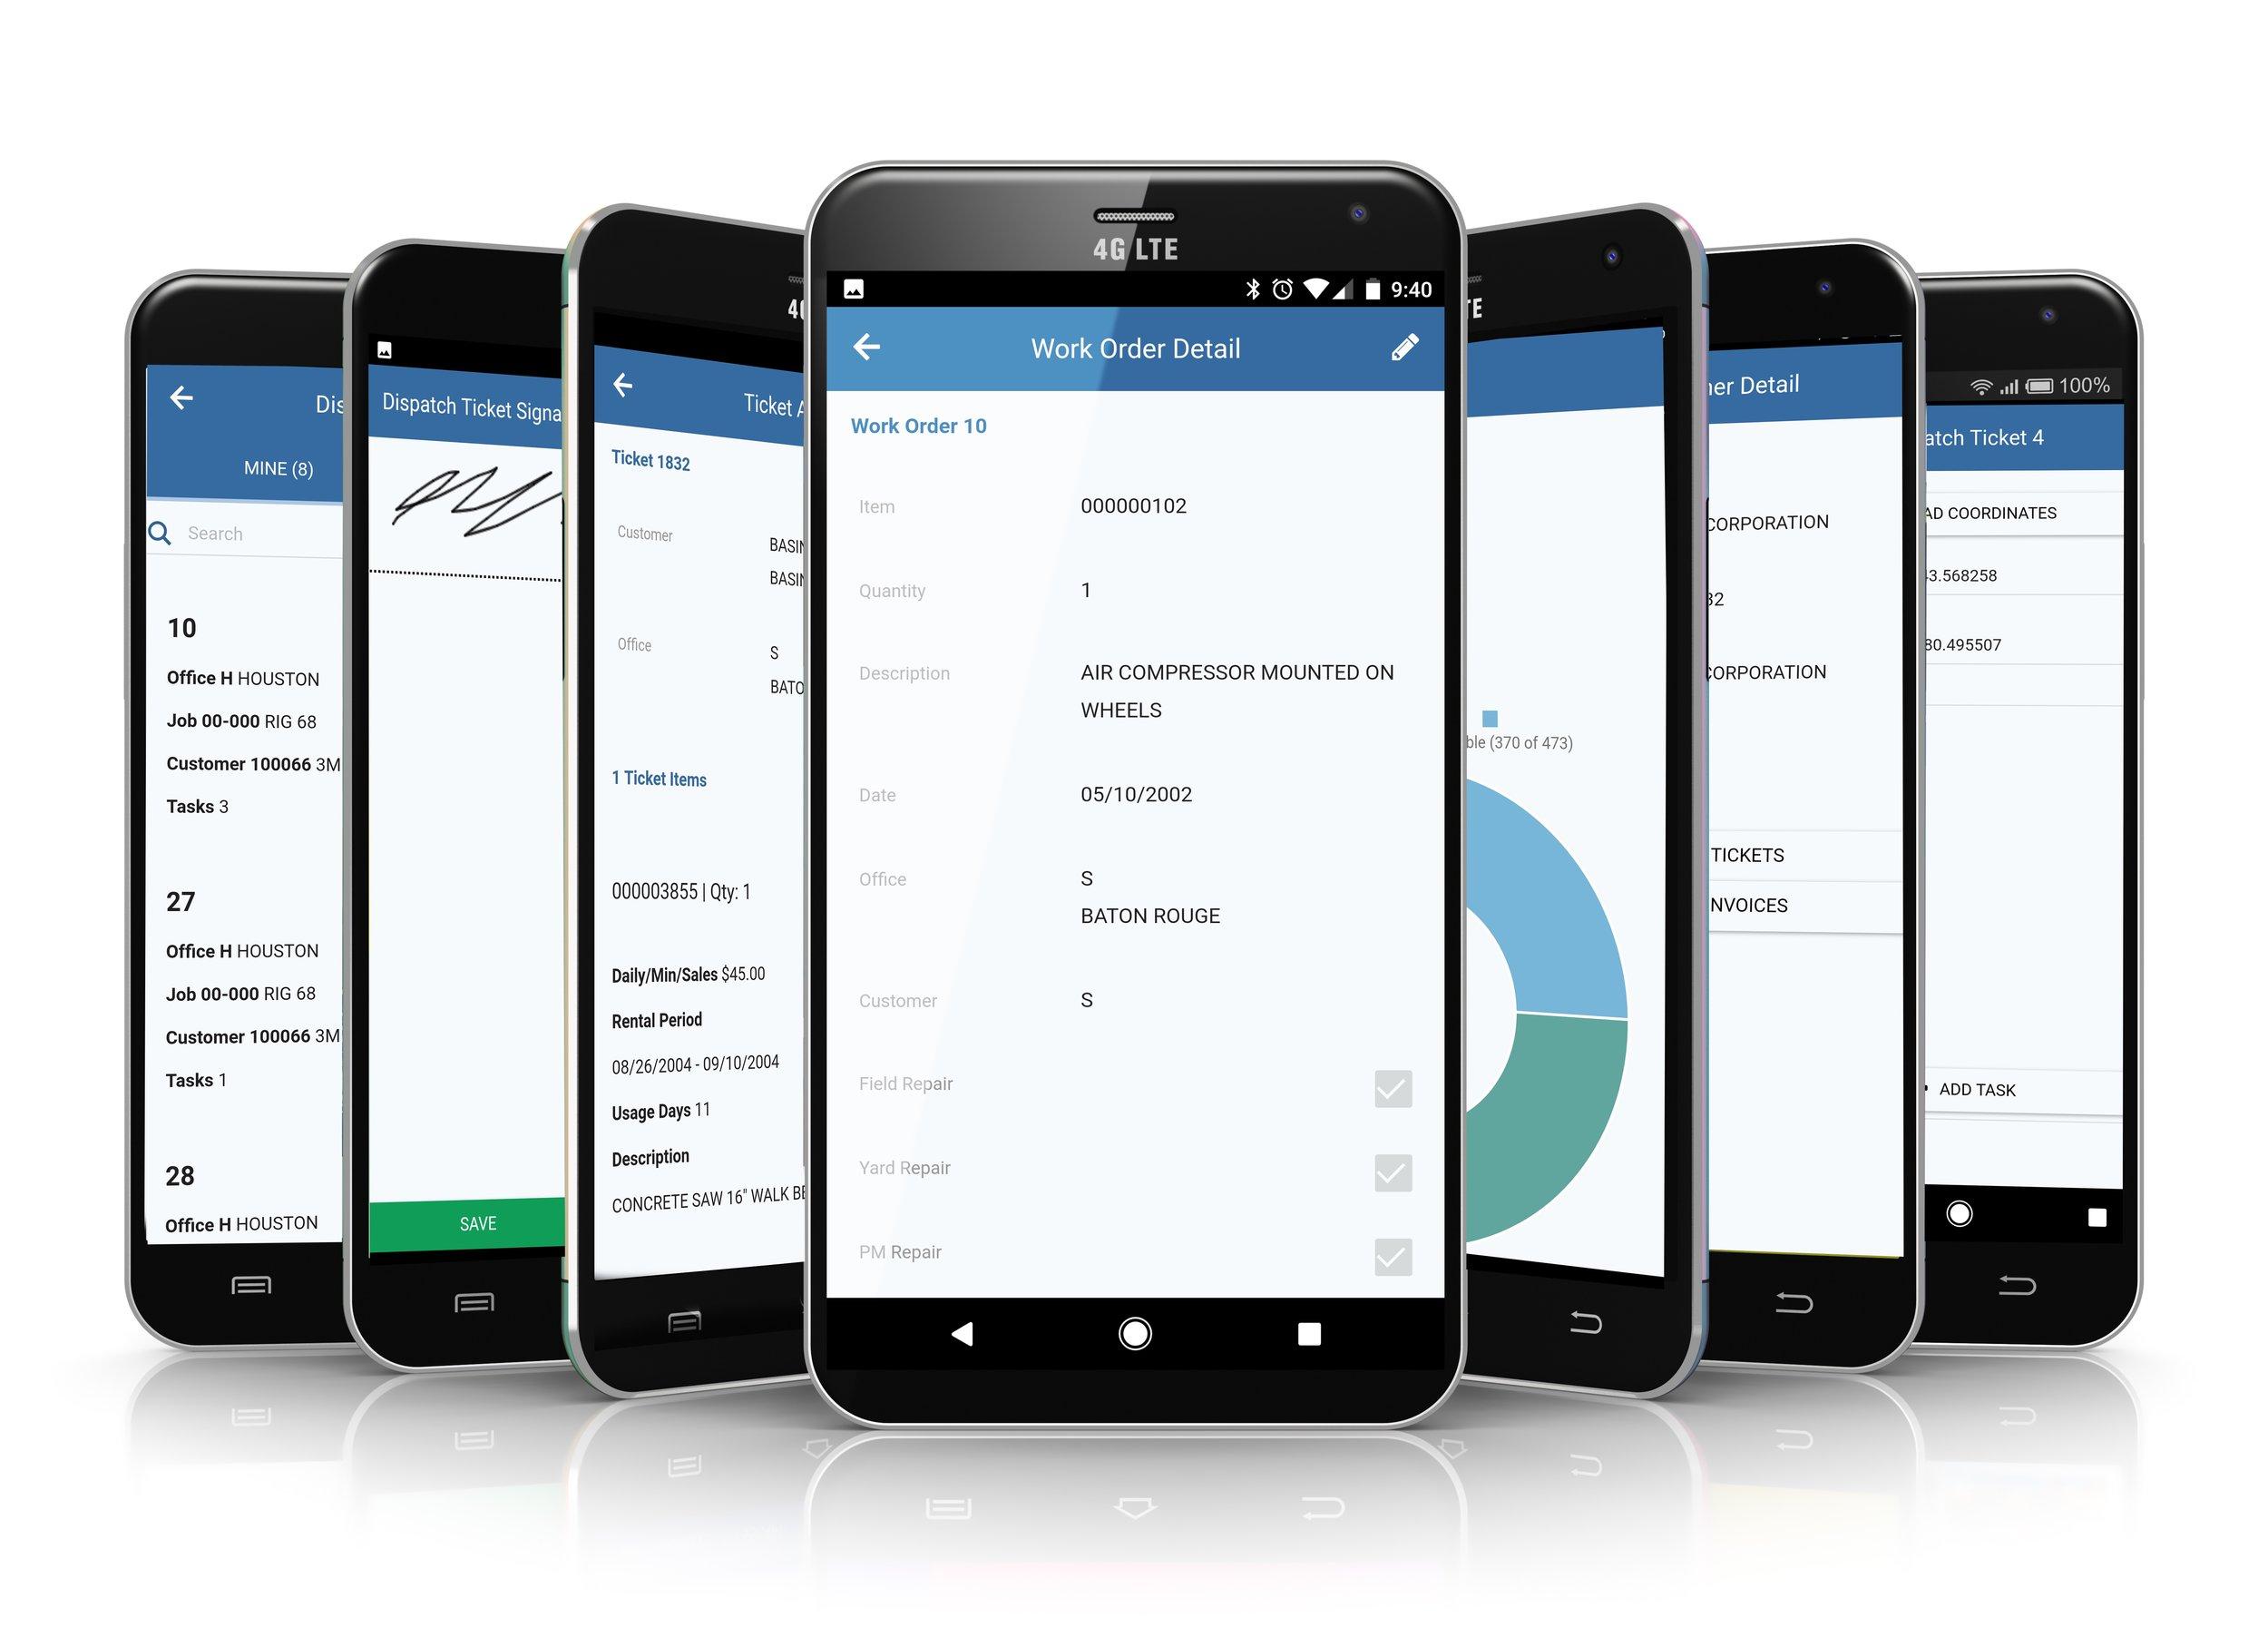 smart-phones-with-screenshots-web.jpg